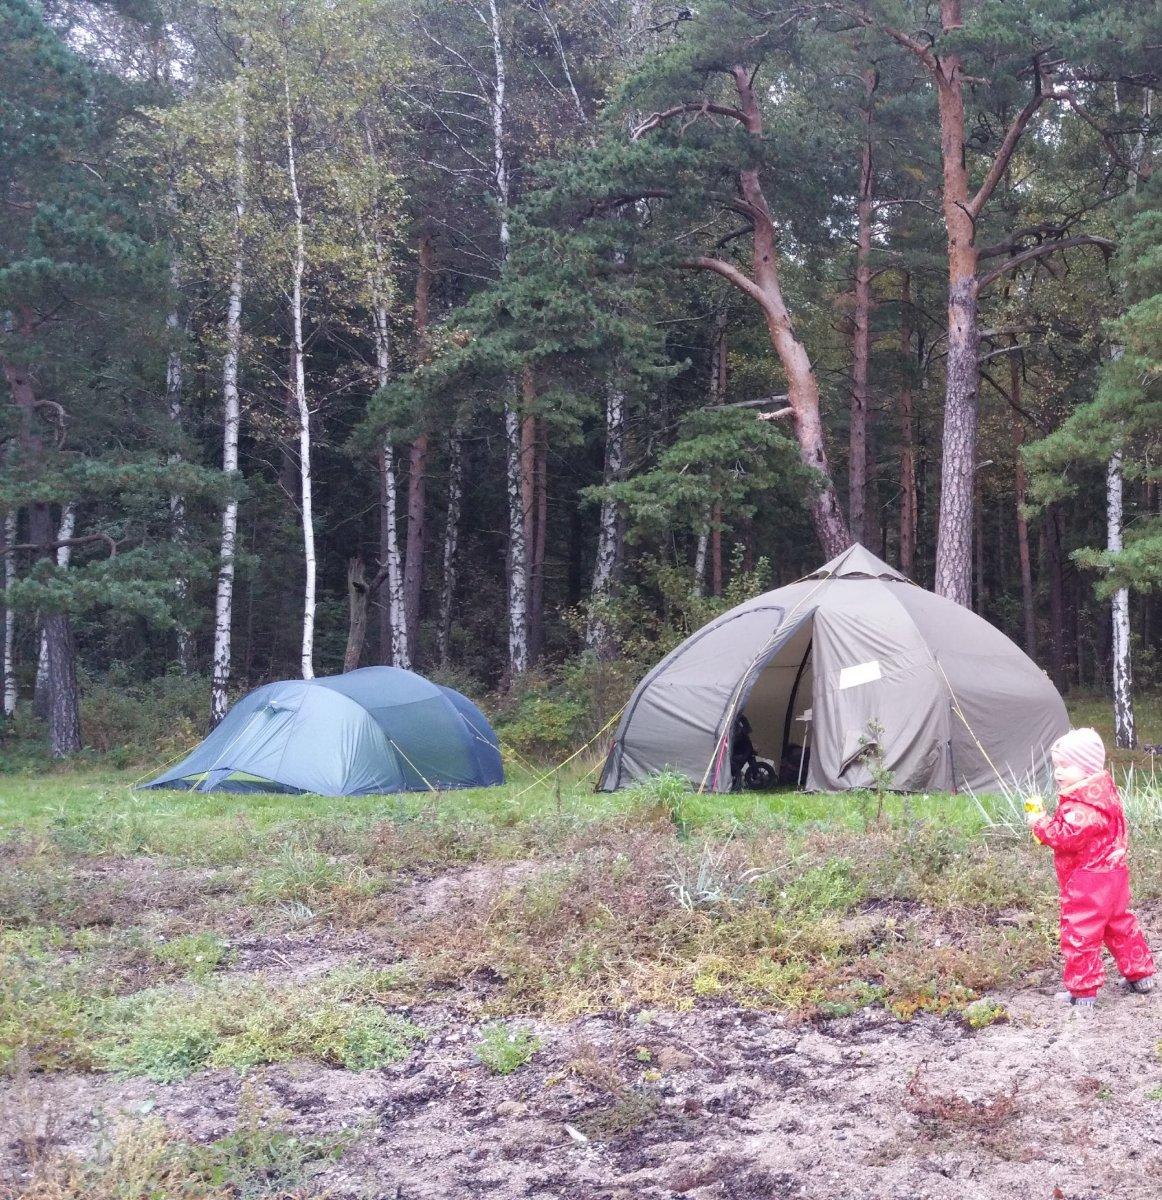 All posts from Oslo in Hvilke telt har du i samlingen din